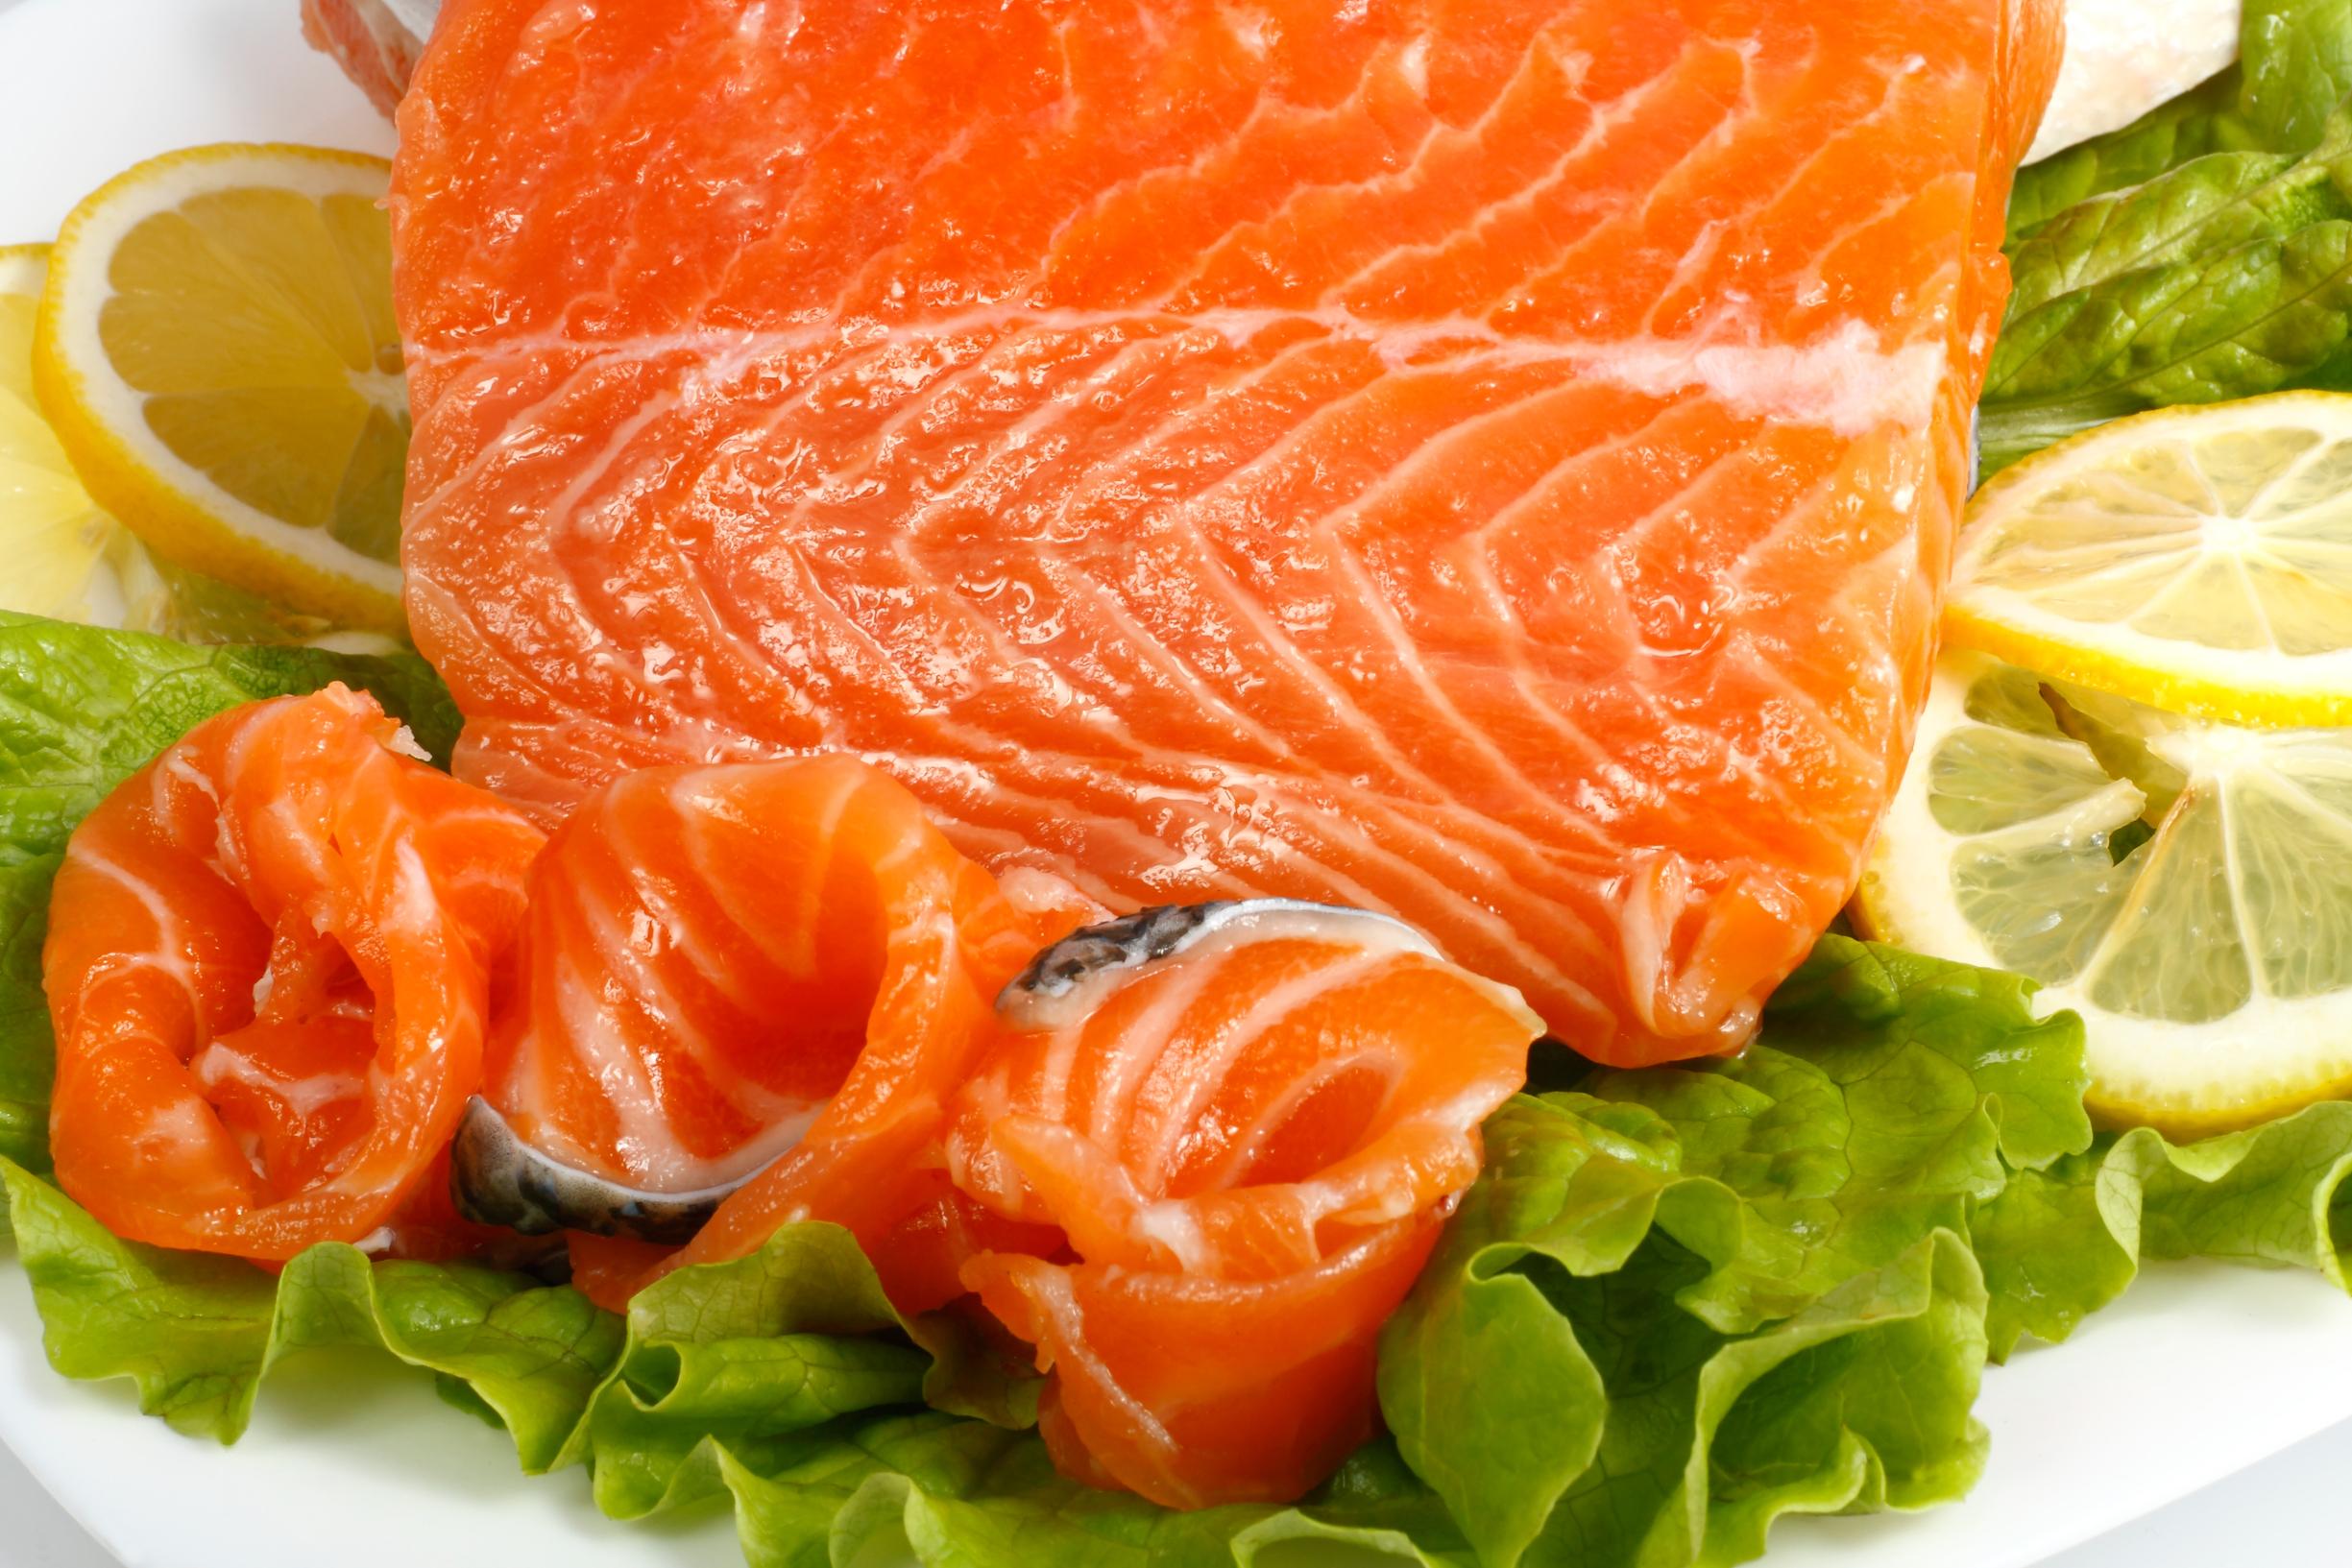 Сбор заказов. Рыбная продукция из семги и форели, осетра и других ценных пород. Чёрная икра премиального качества Г-о-р-к-у-н-о-в. Сбор-12.